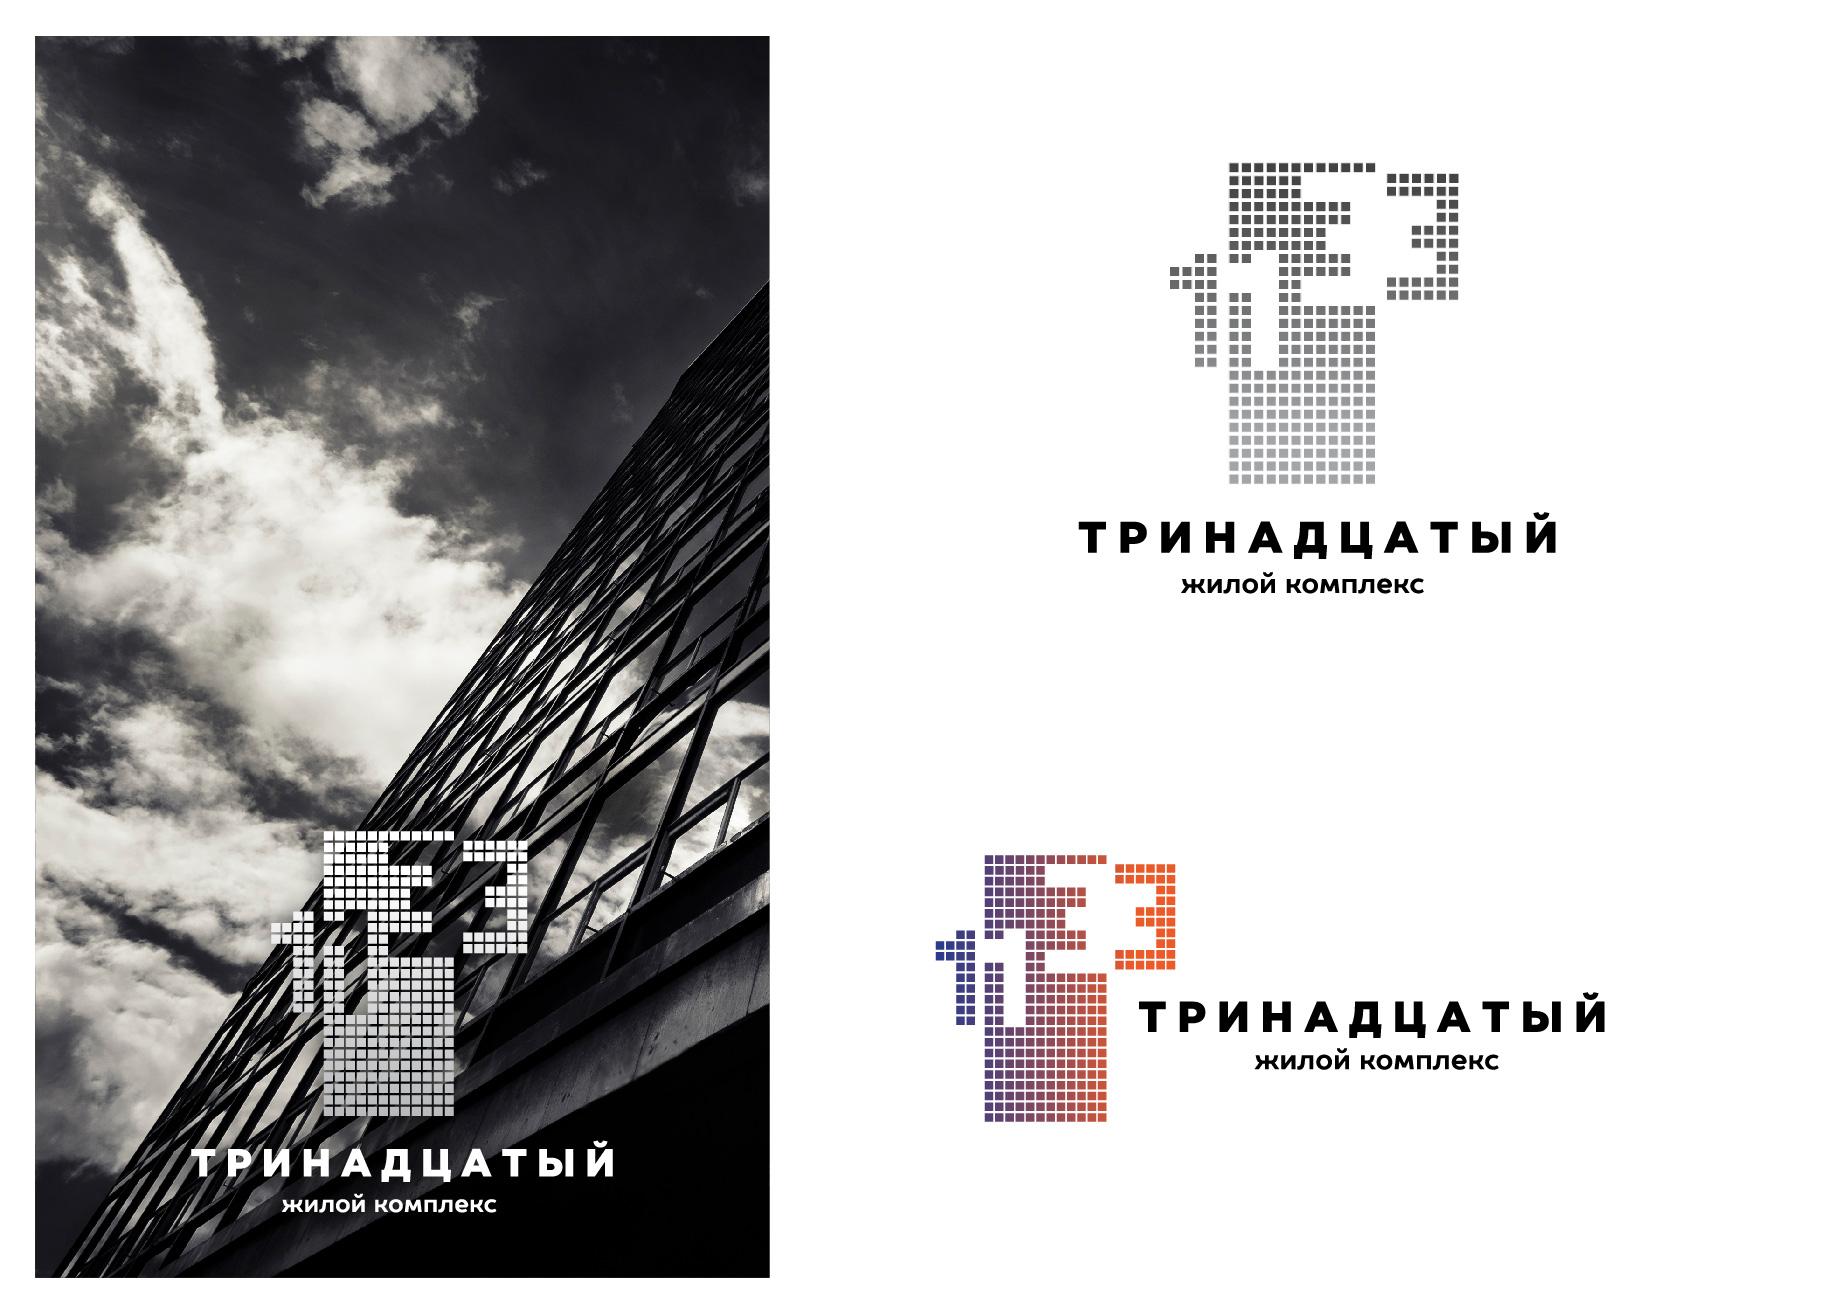 Разработка логотипа и фирменный стиль фото f_378596f44aaad6a1.jpg